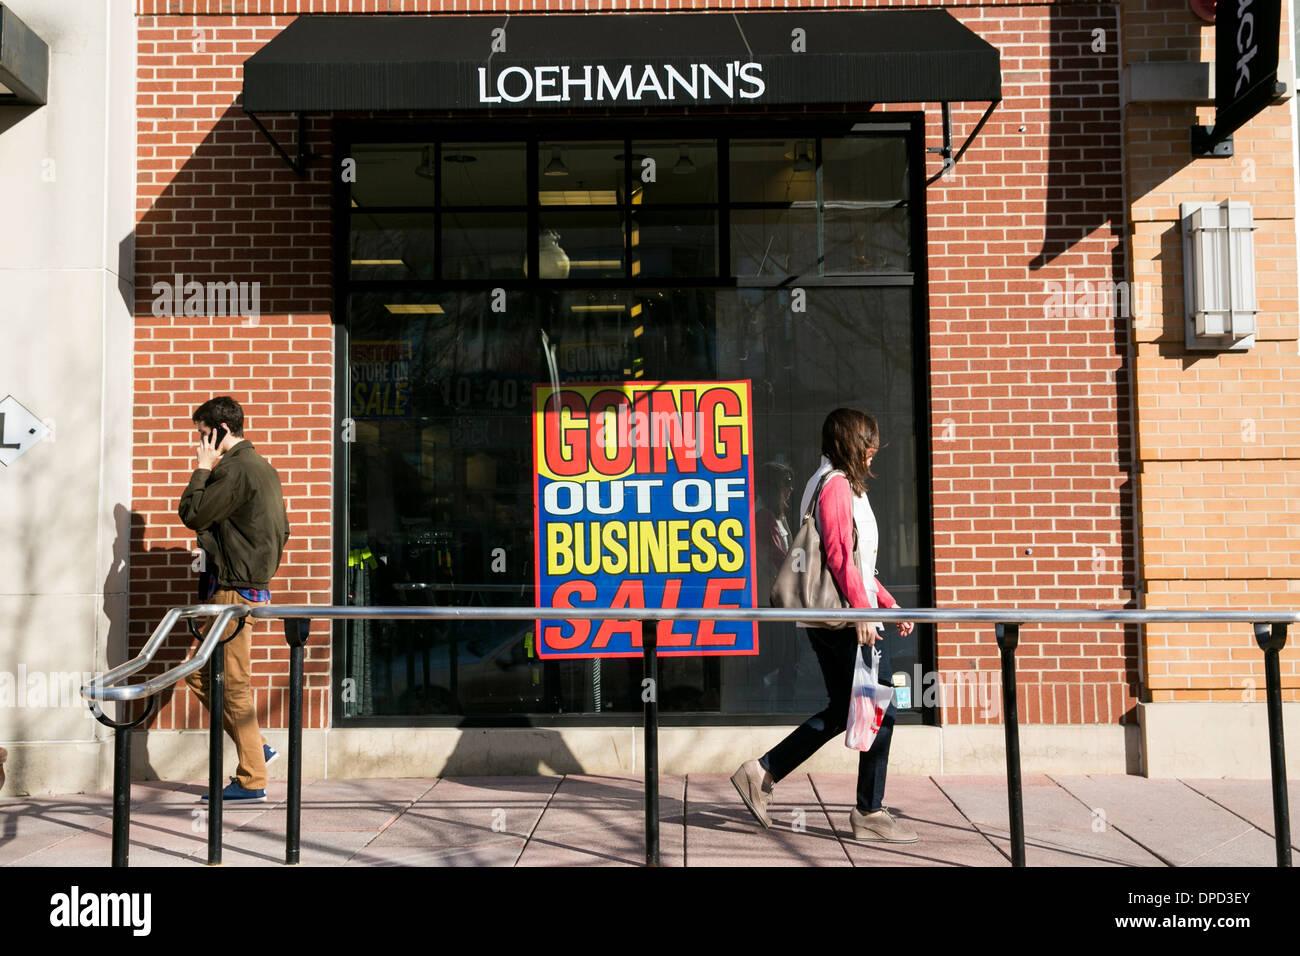 Un Loehmann sconto del negozio al dettaglio a Washington DC nel processo di andare fuori del business. Immagini Stock